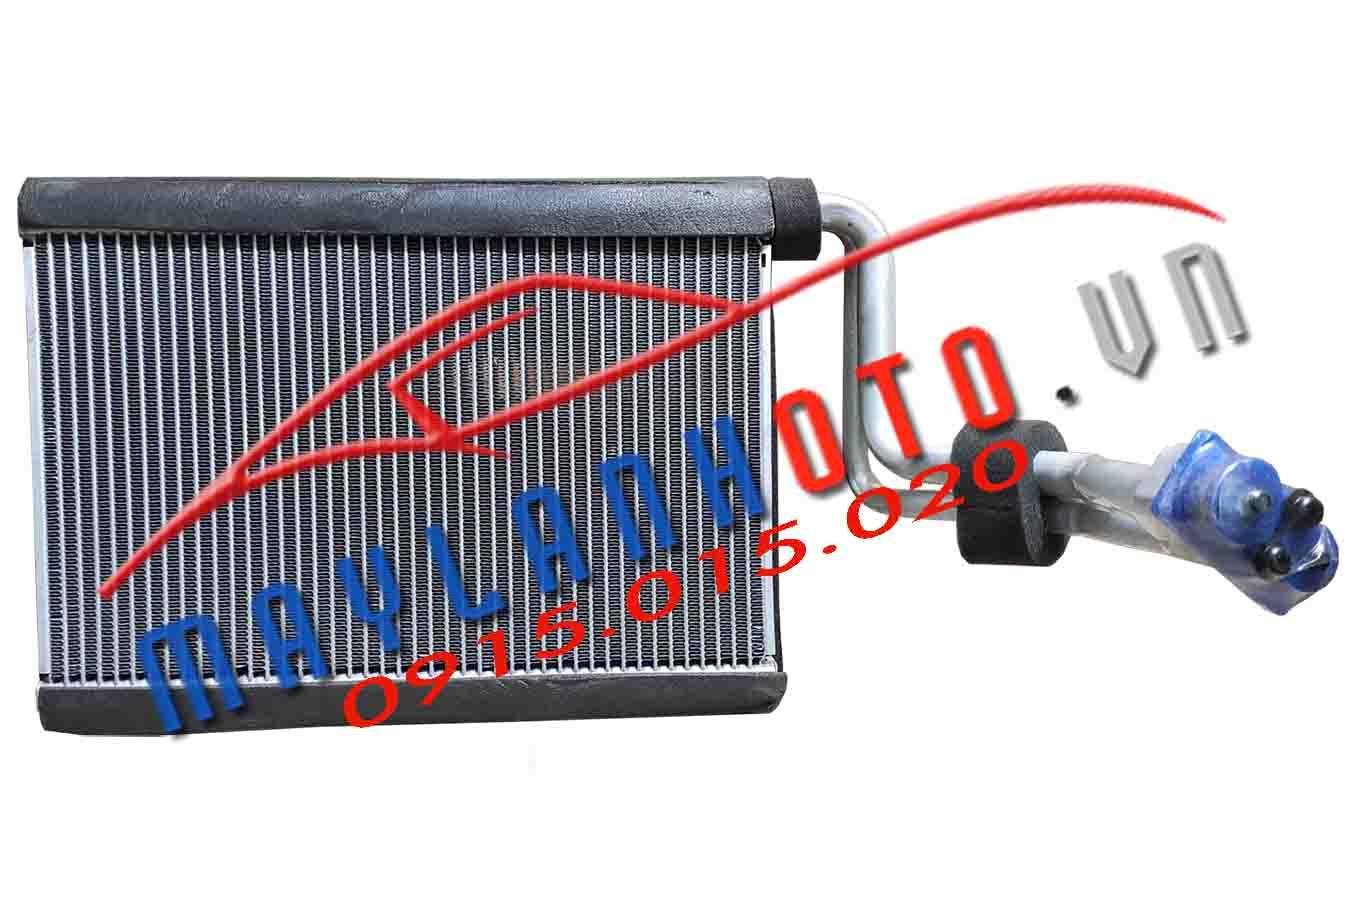 BMW 320i 2006 - 2010 / Dàn lạnh BMW 320i 2006 - 2010 / Giàn lạnh BMW 320i 2006 - 2010